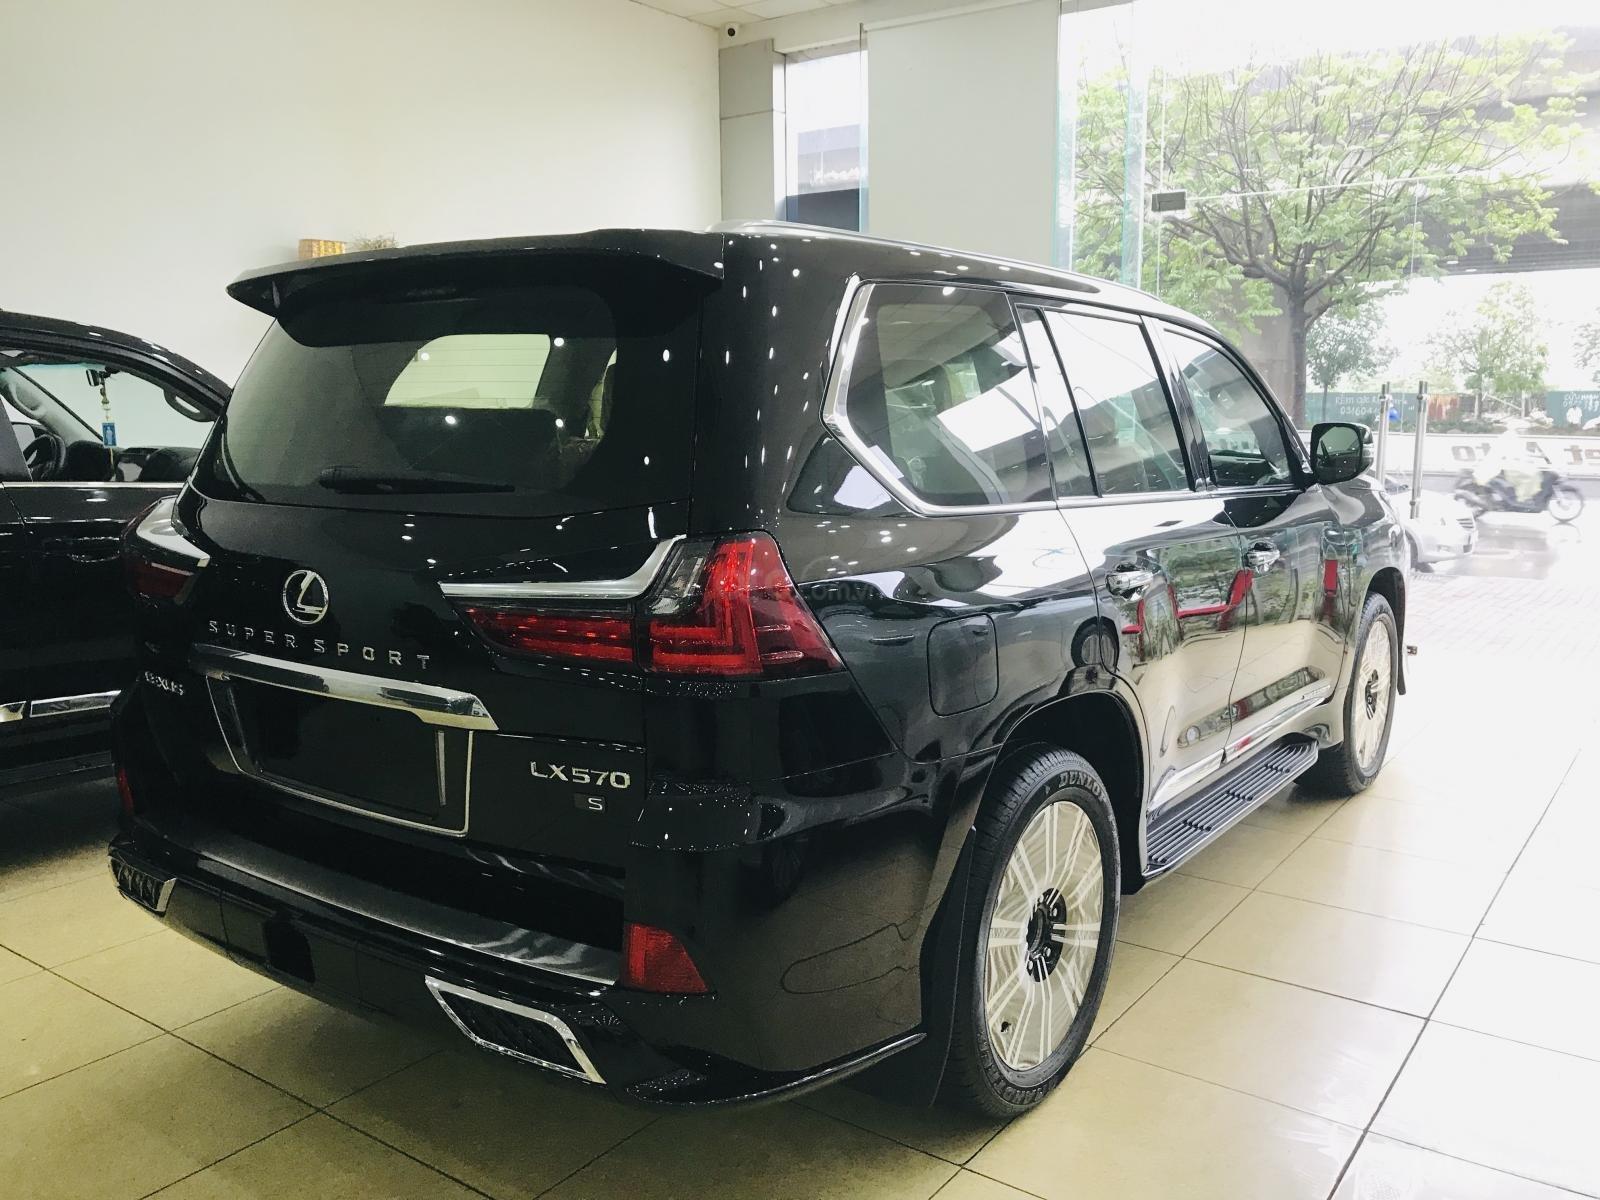 Bán Lexus LX570 Super Sport màu đen, sản xuất 2019, xe giao ngay, giá tốt - LH: 0906223838 (6)